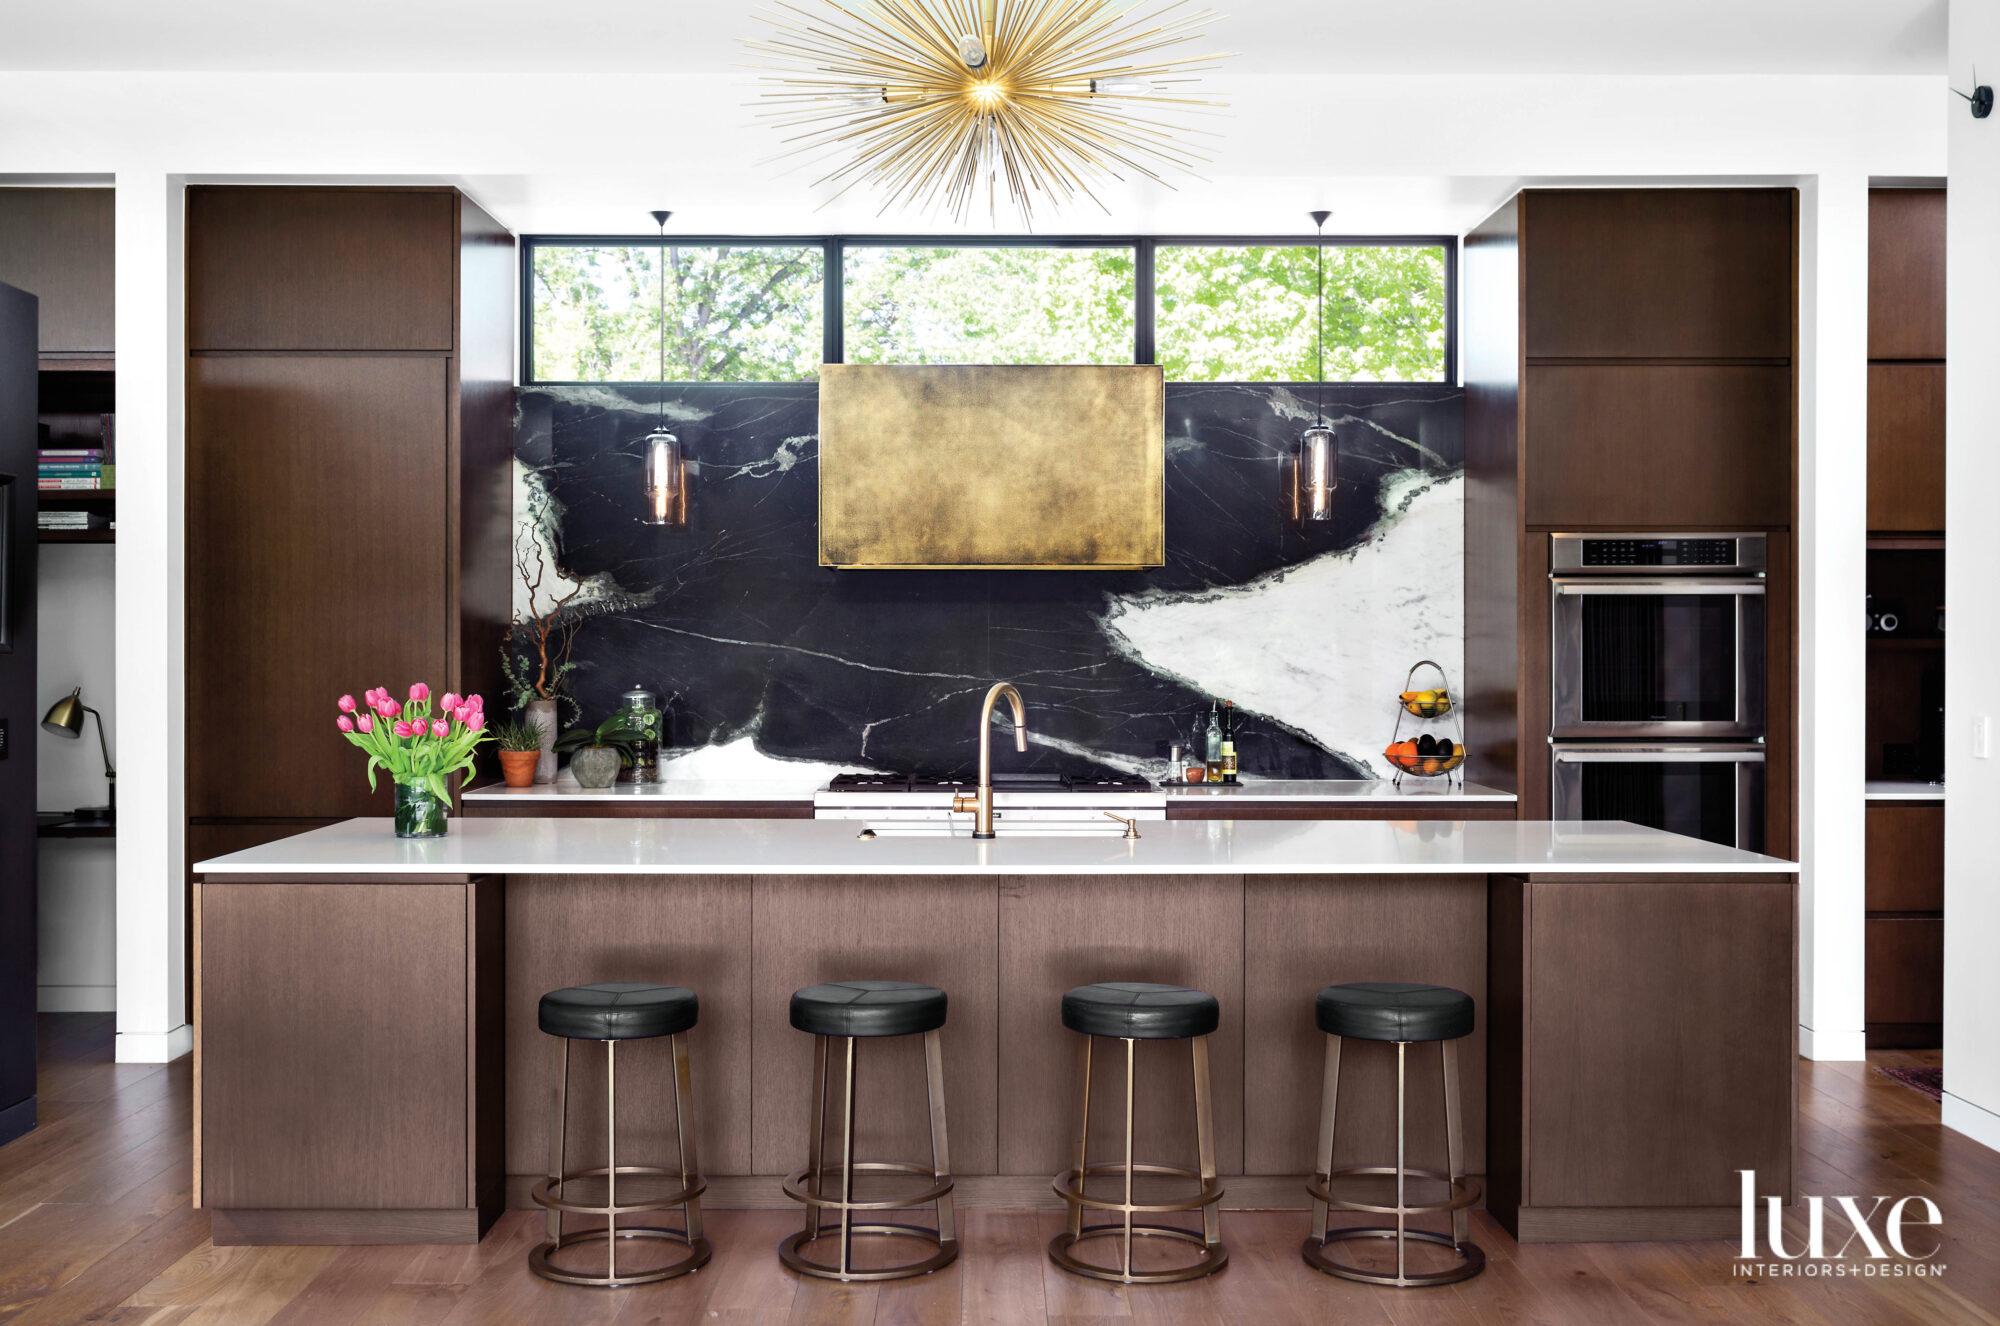 Rift-sawn oak cabinets and dramatic...